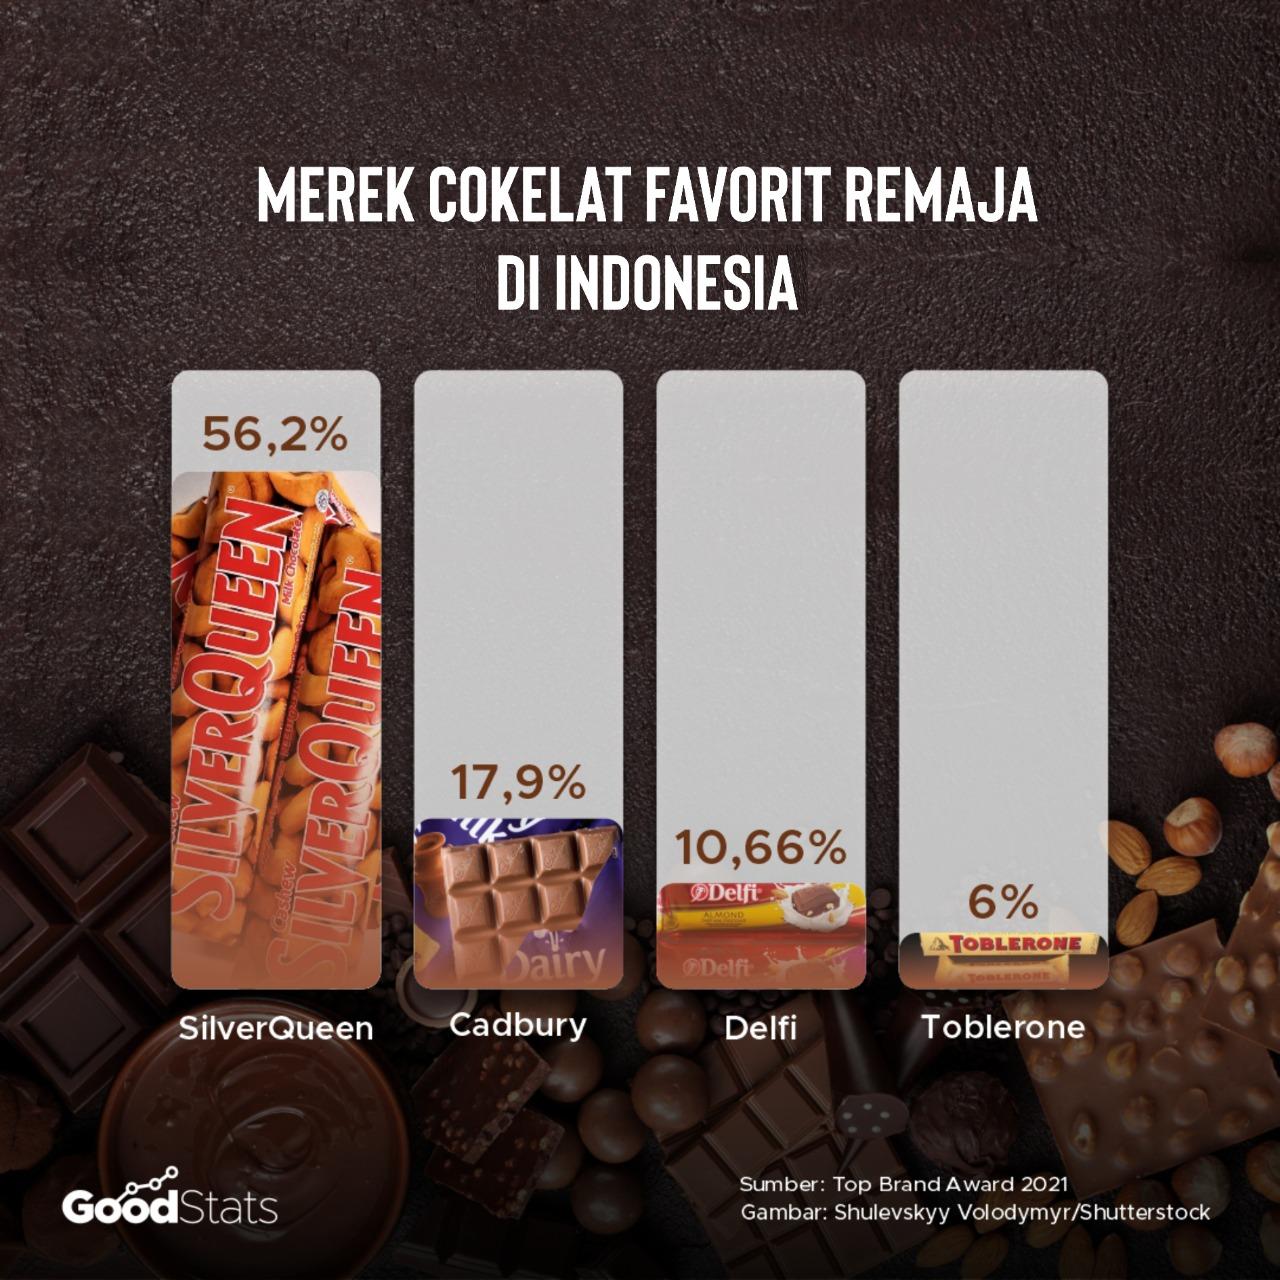 Peringkat Merek Cokelat Favorit Remaja Indonesia